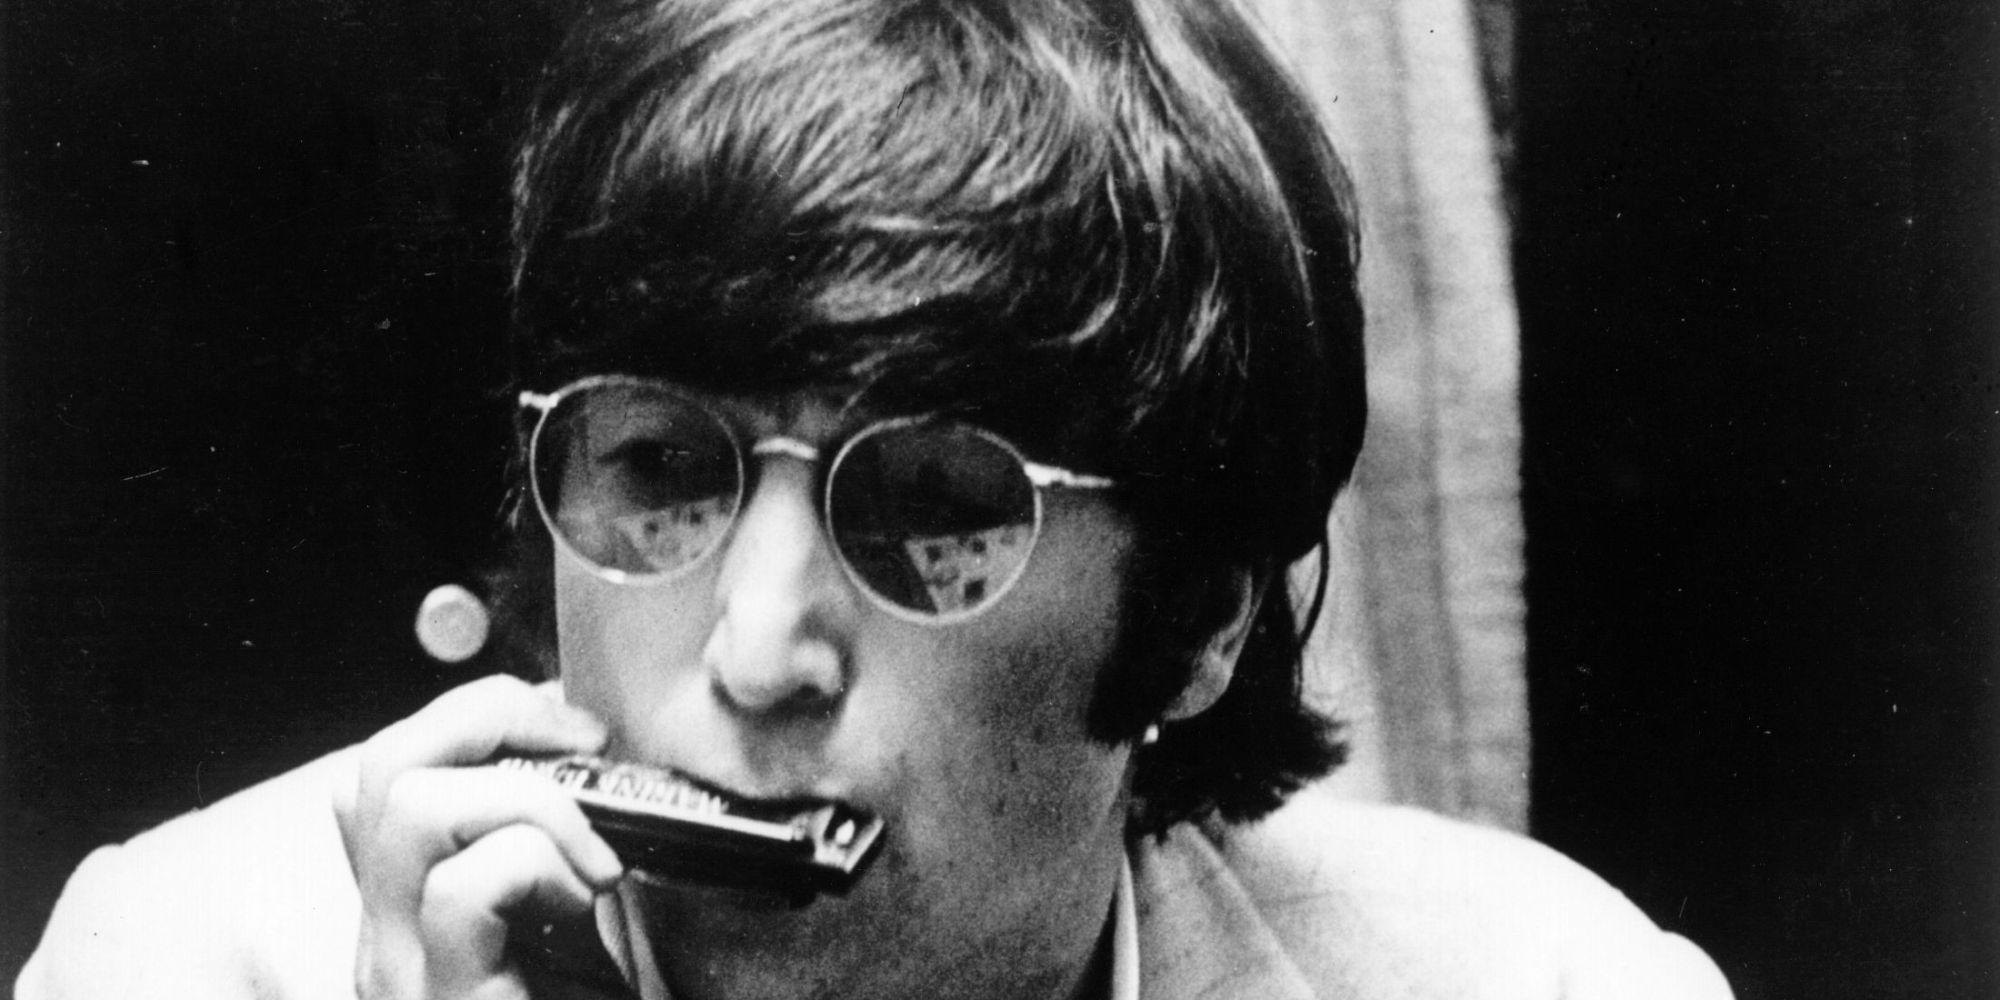 Killer Facebook Covers John Lennon Amazing Cover Songs To Celebrate Lennons Imagine Turning 42